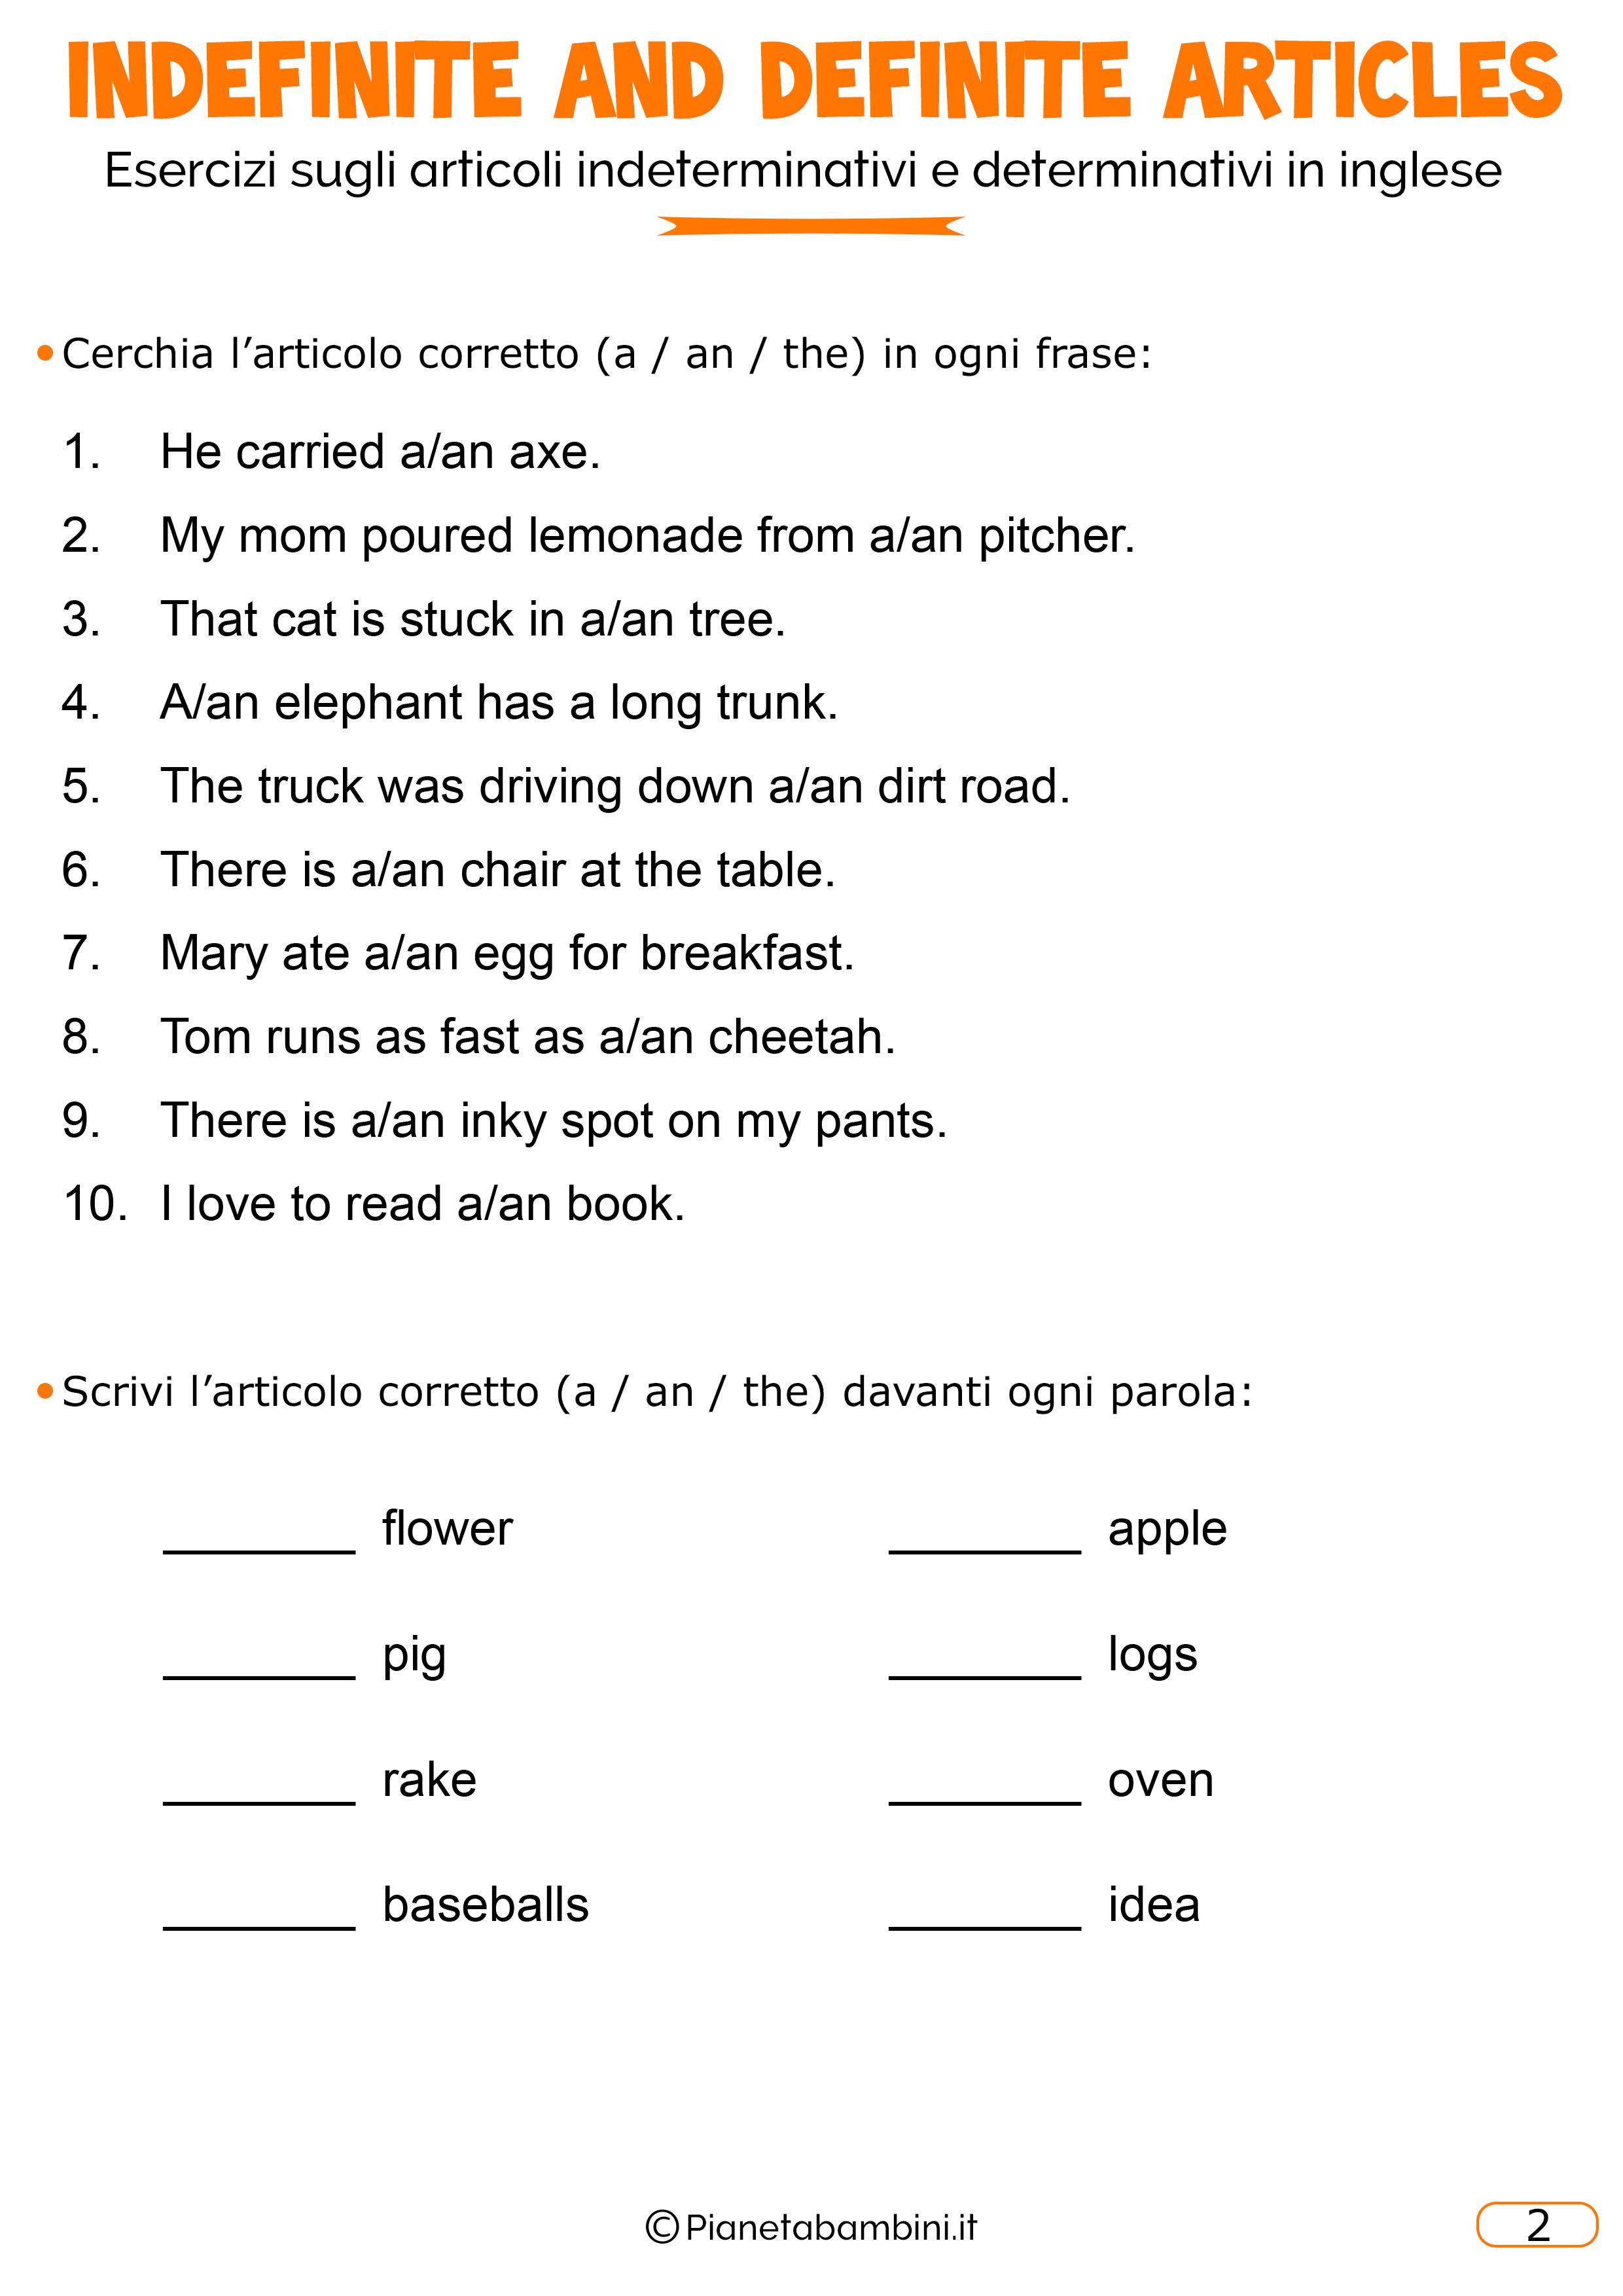 Esercizi Di Inglese Sugli Articoli Determinativi E